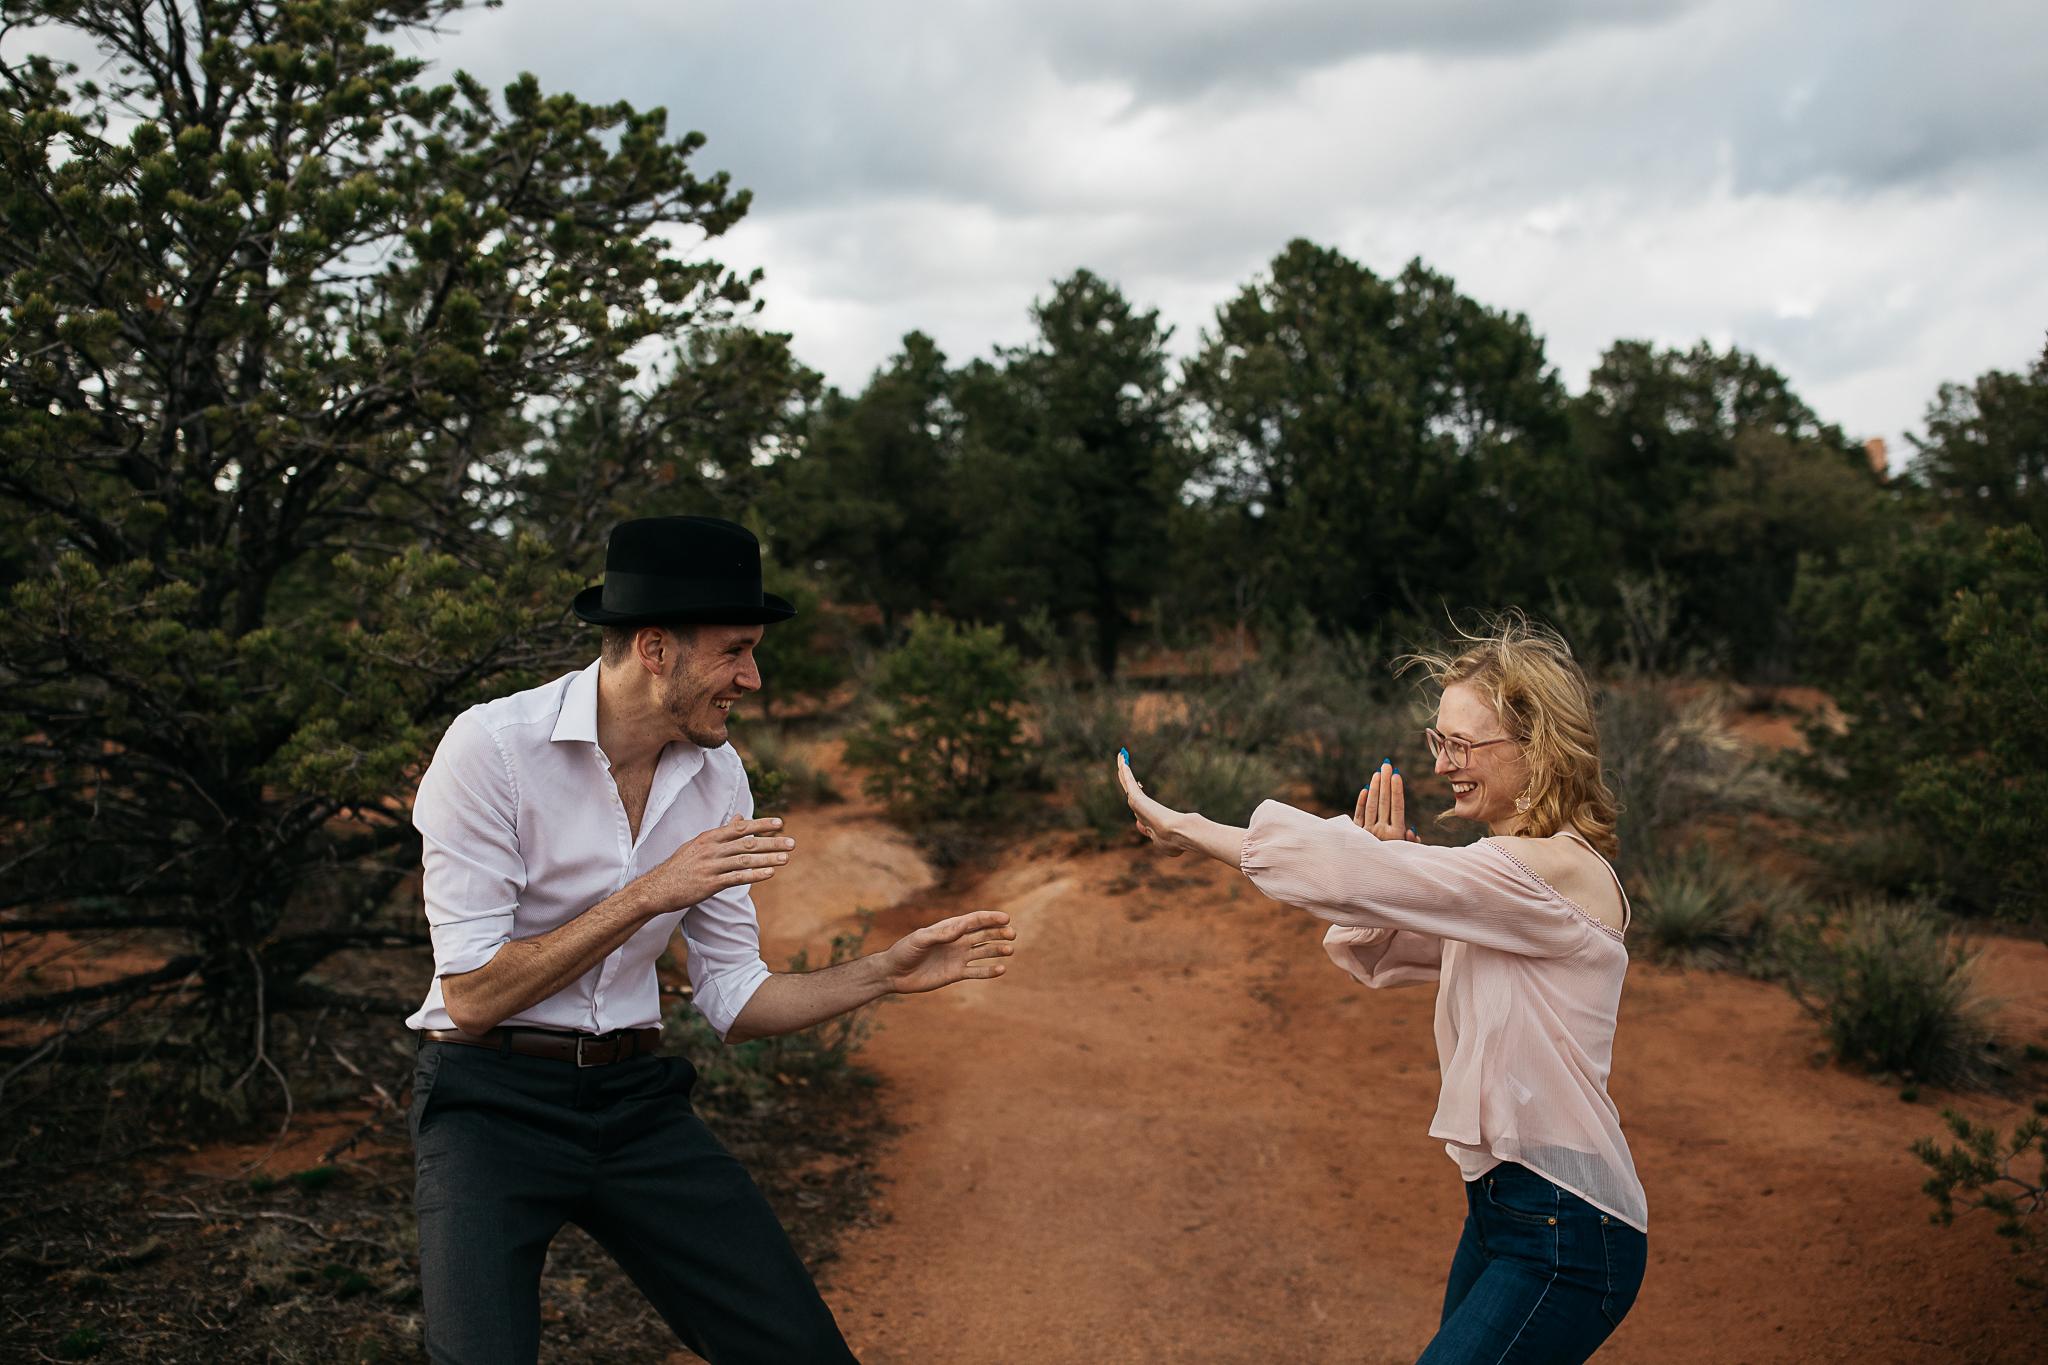 Elizabeth-and-Ryan-GardenoftheGods-Thewarmtharoundyou-76.jpg